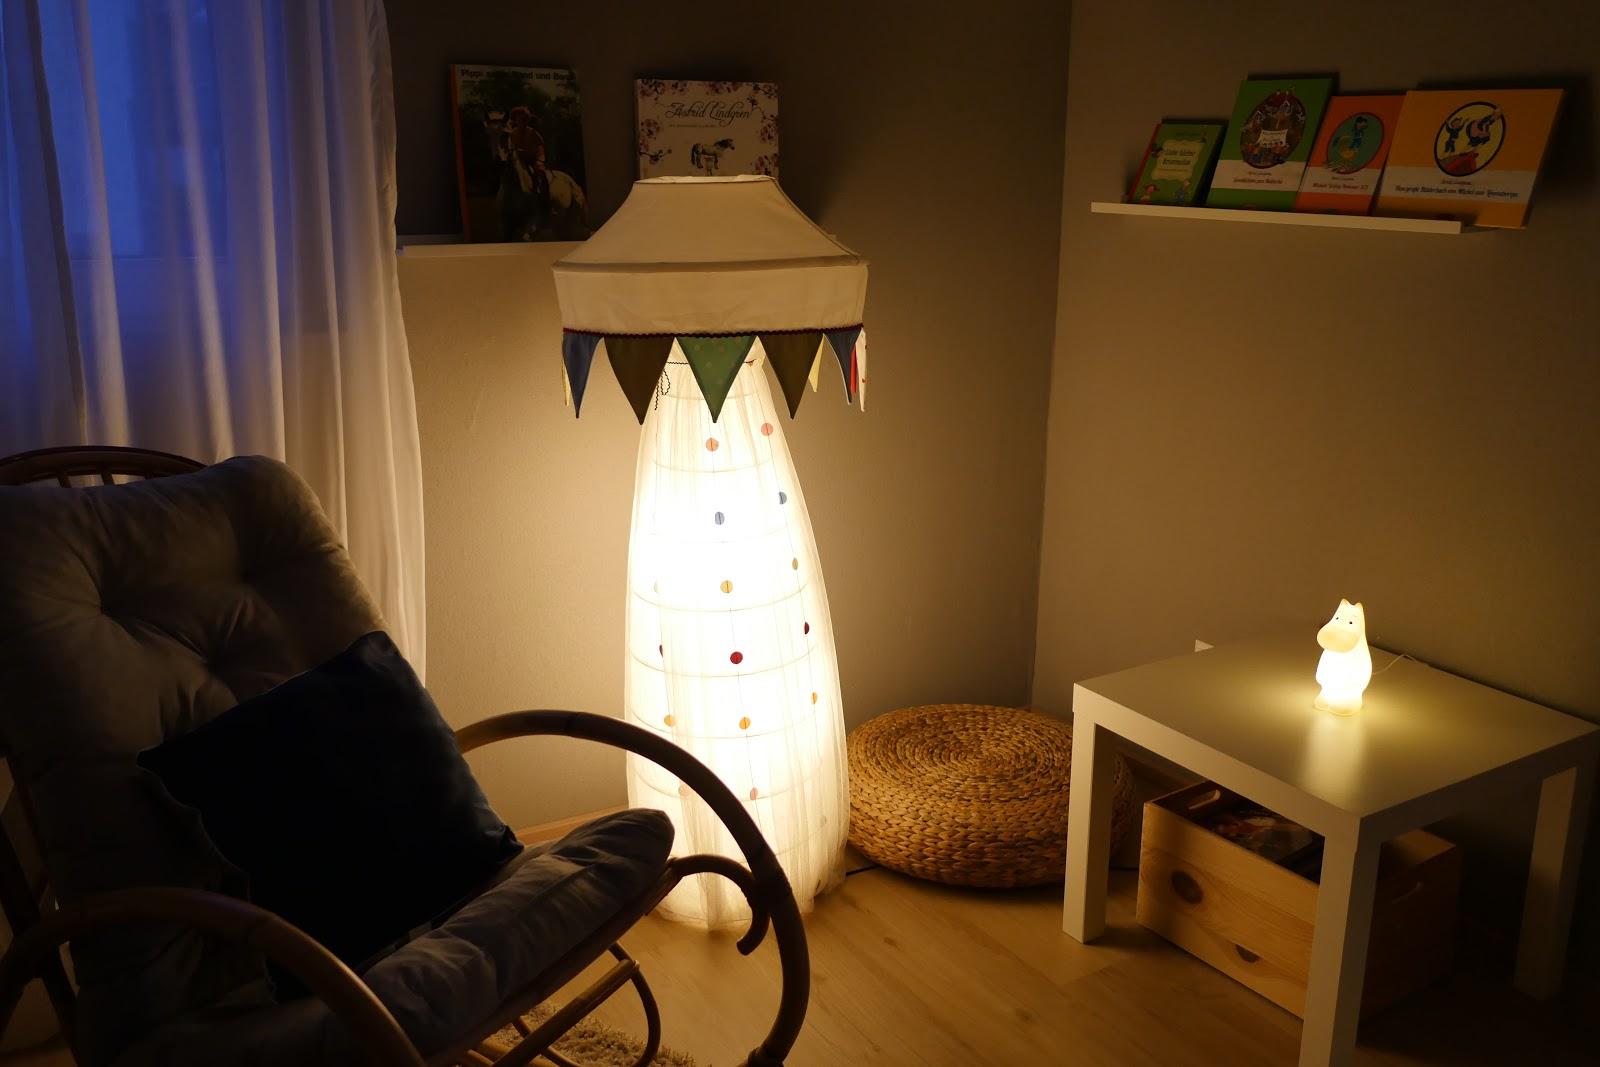 Full Size of Stehlampe Ikea Hack Frs Kinderzimmer Betten 160x200 Wohnzimmer Bei Küche Kosten Modulküche Sofa Mit Schlaffunktion Kaufen Schlafzimmer Stehlampen Miniküche Wohnzimmer Stehlampe Ikea